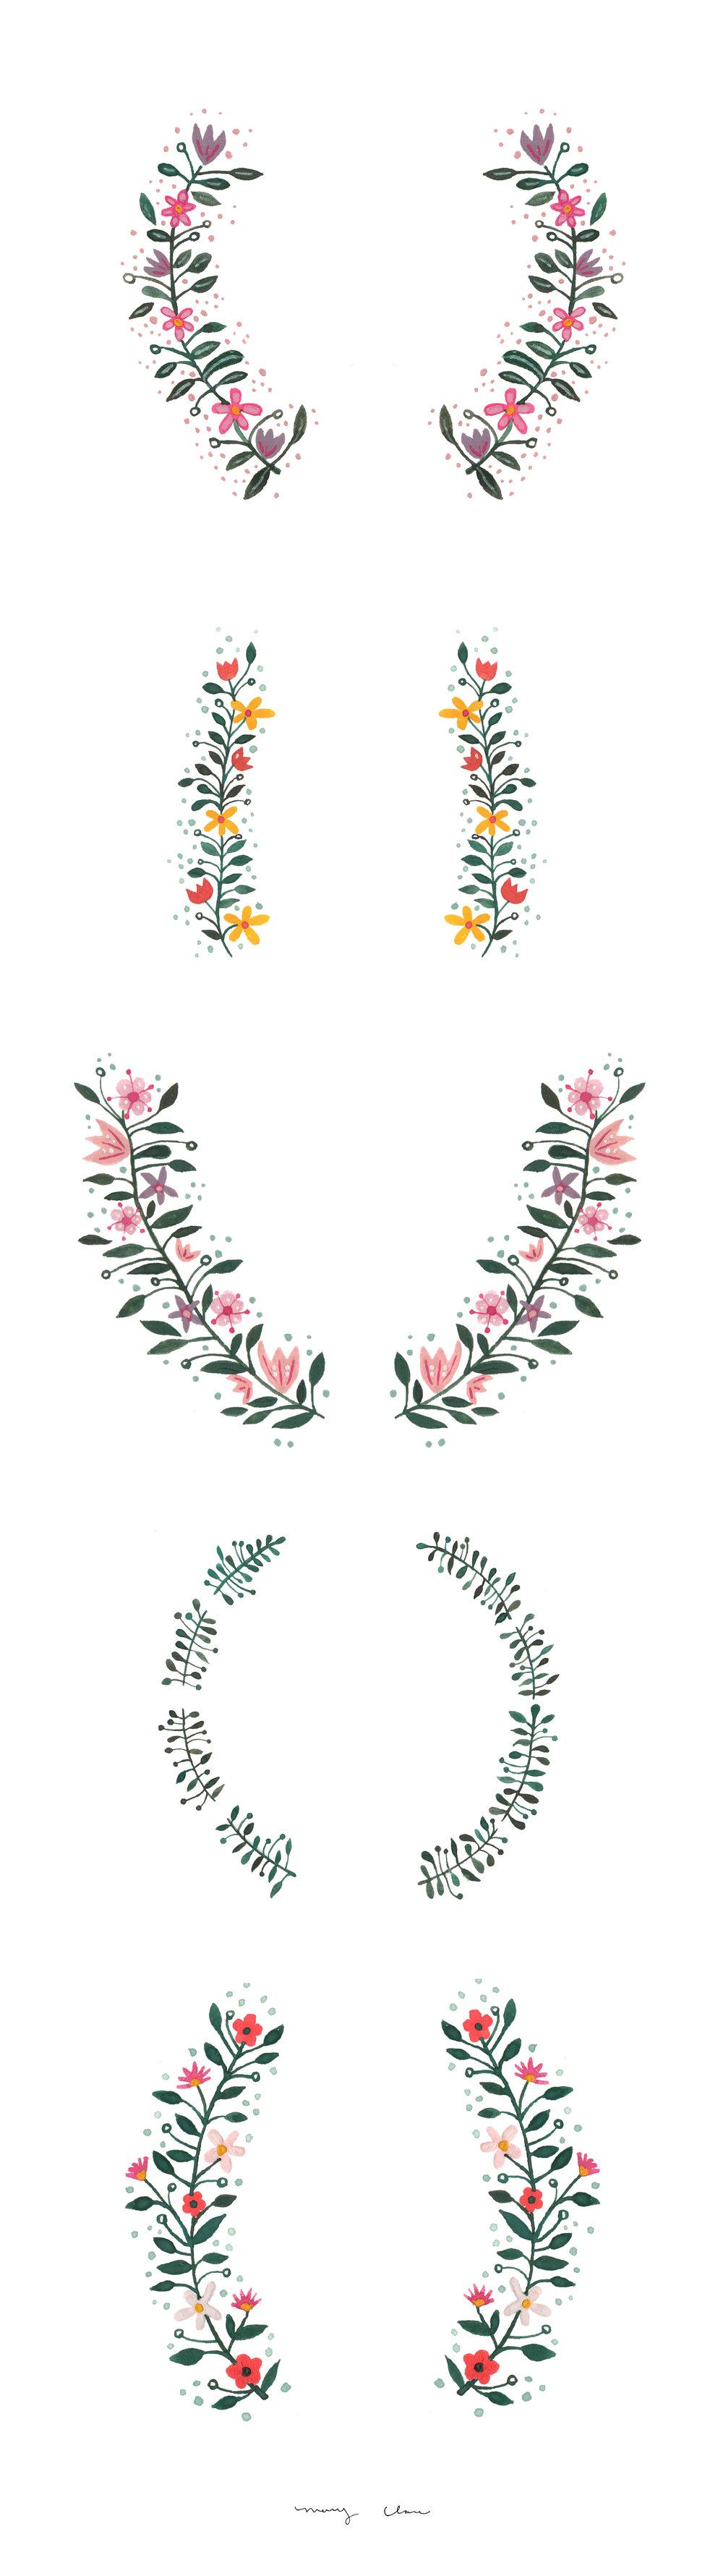 sharks-flowers-seahourses-maryclarewilkie-02.jpg